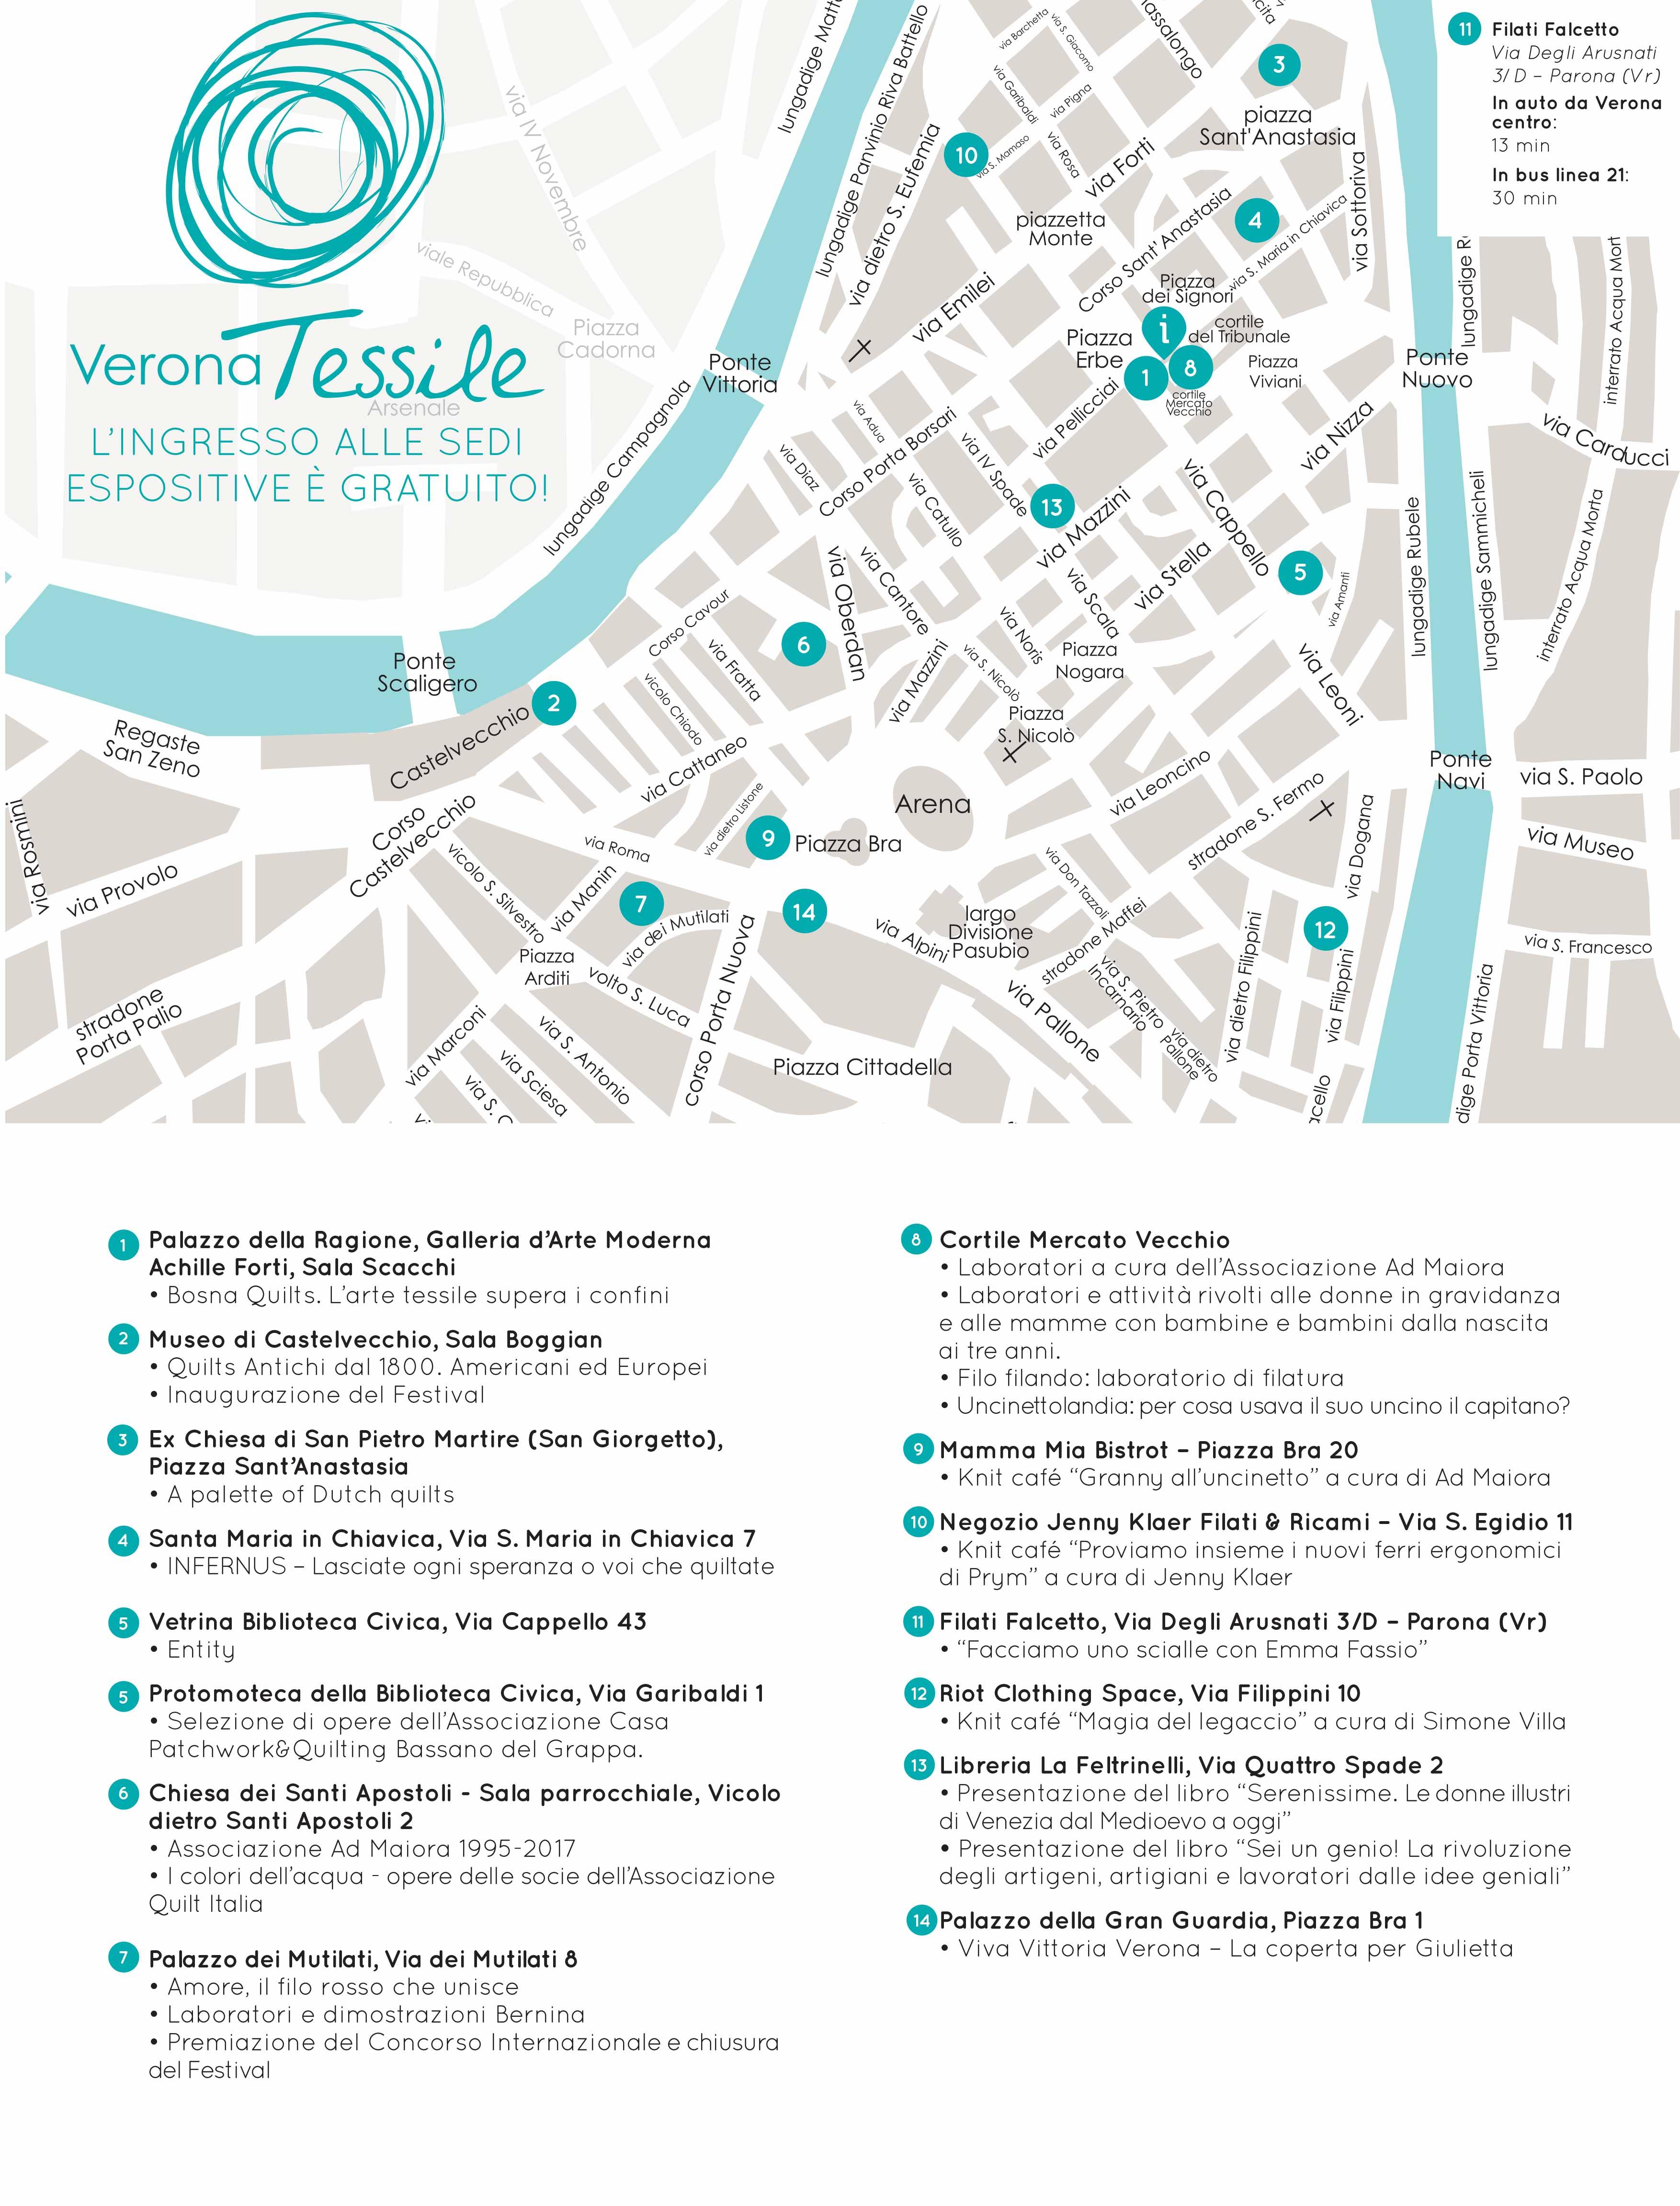 Mappa Verona Tessile 2017